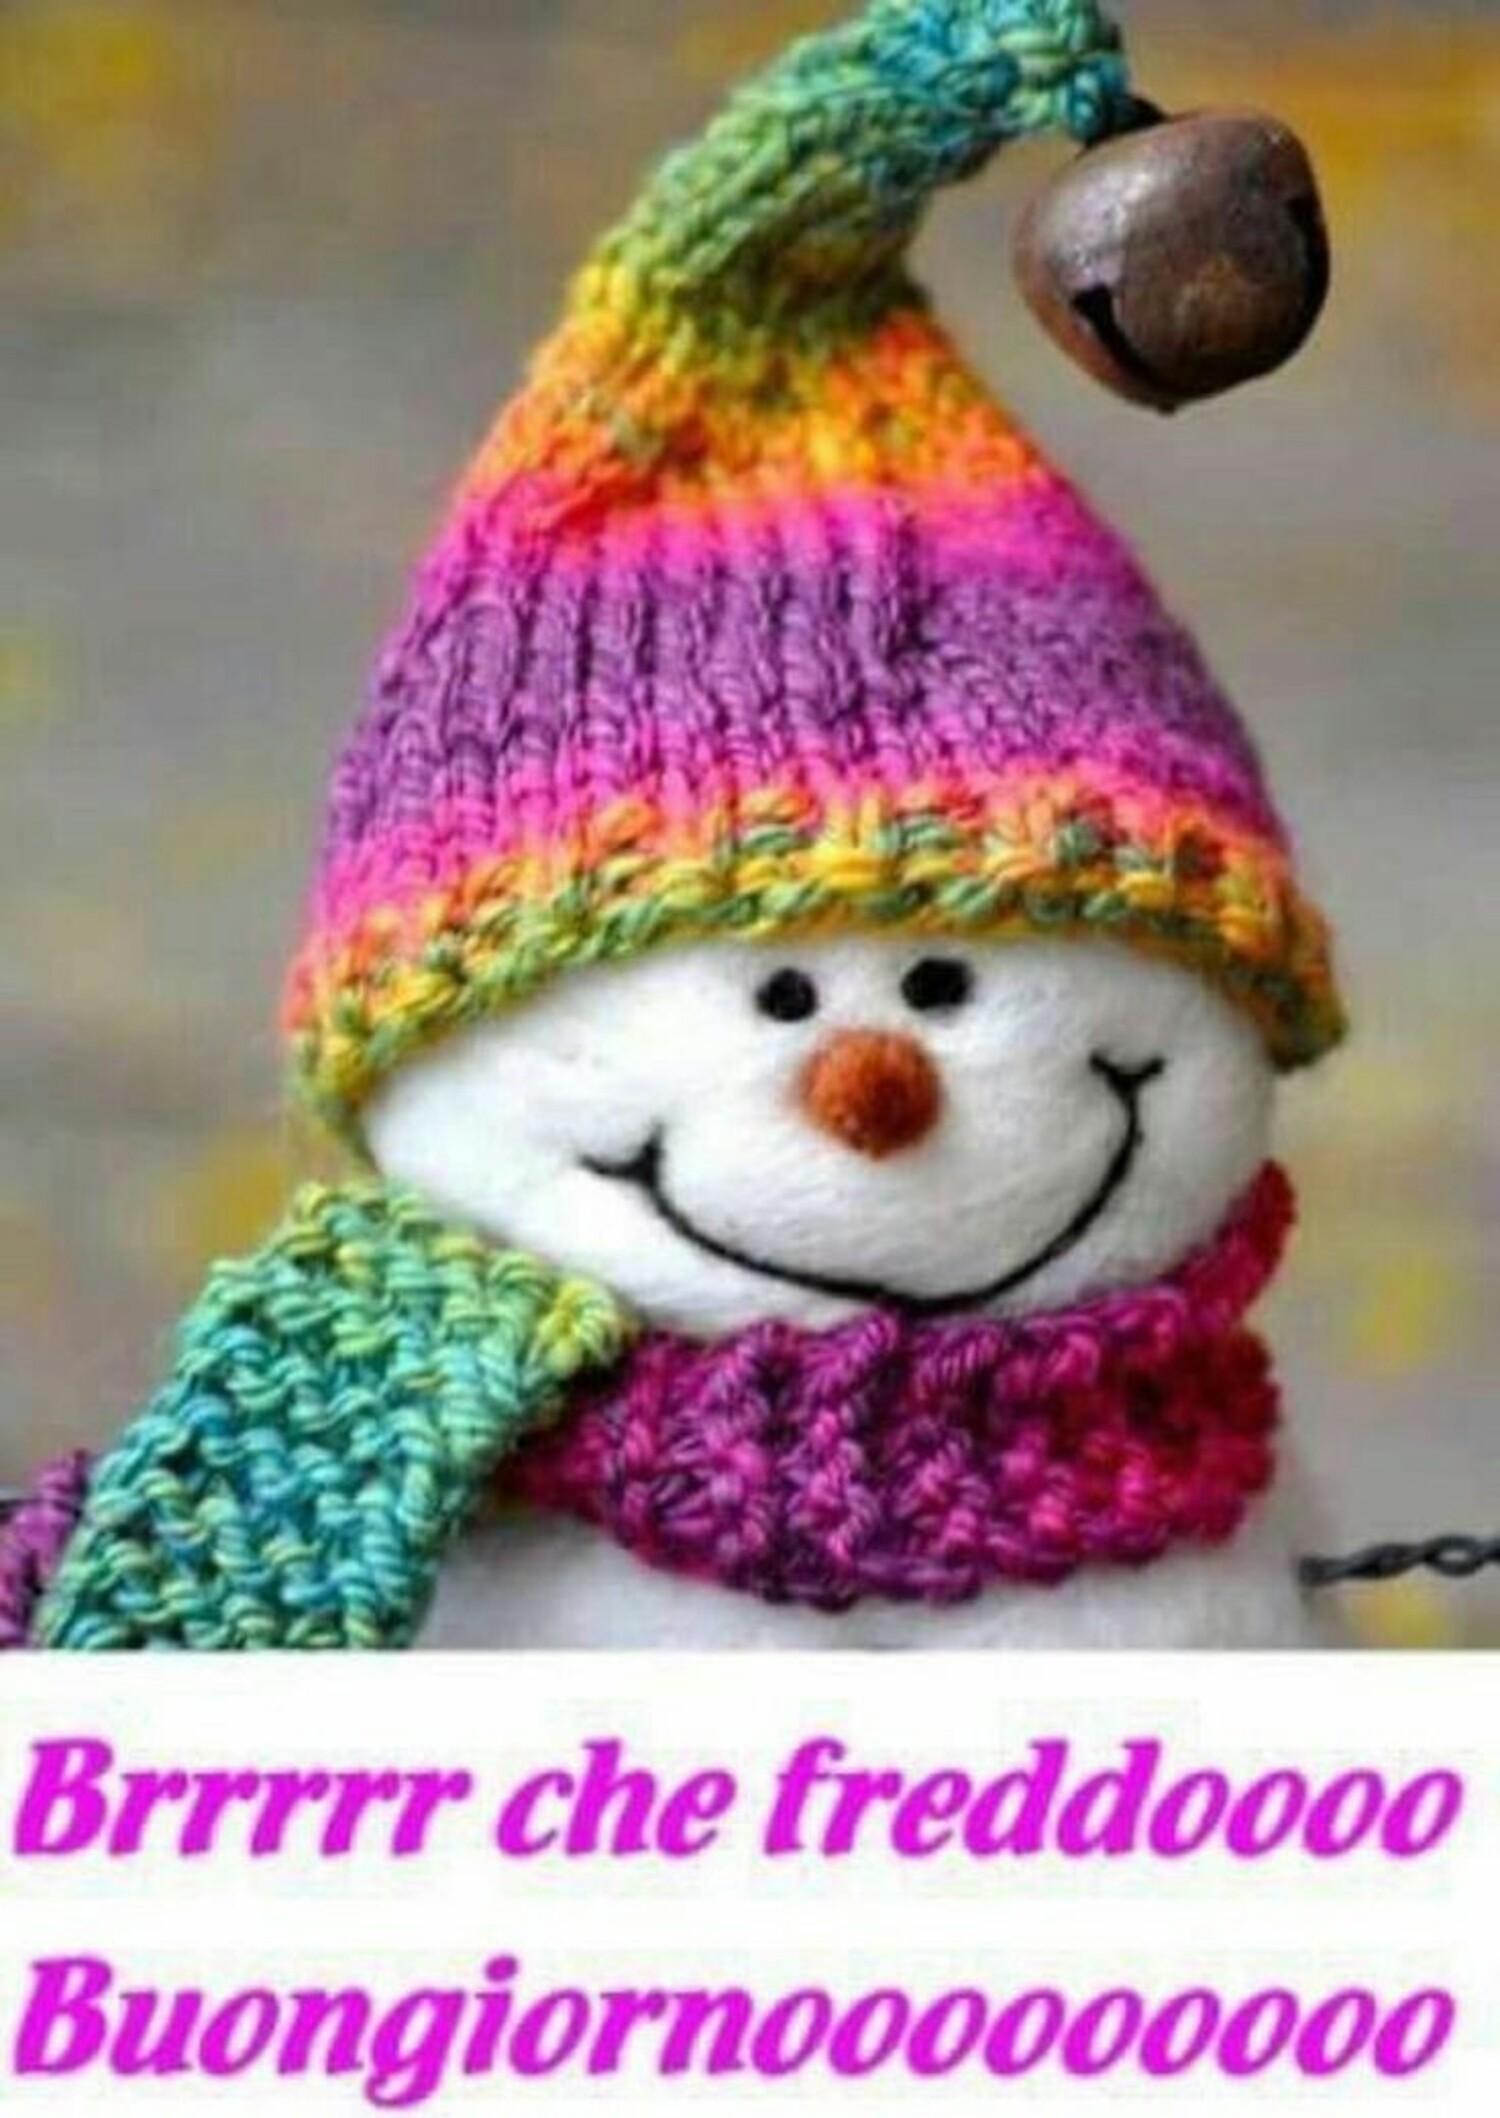 Brrr che freddo... Buongiornooo